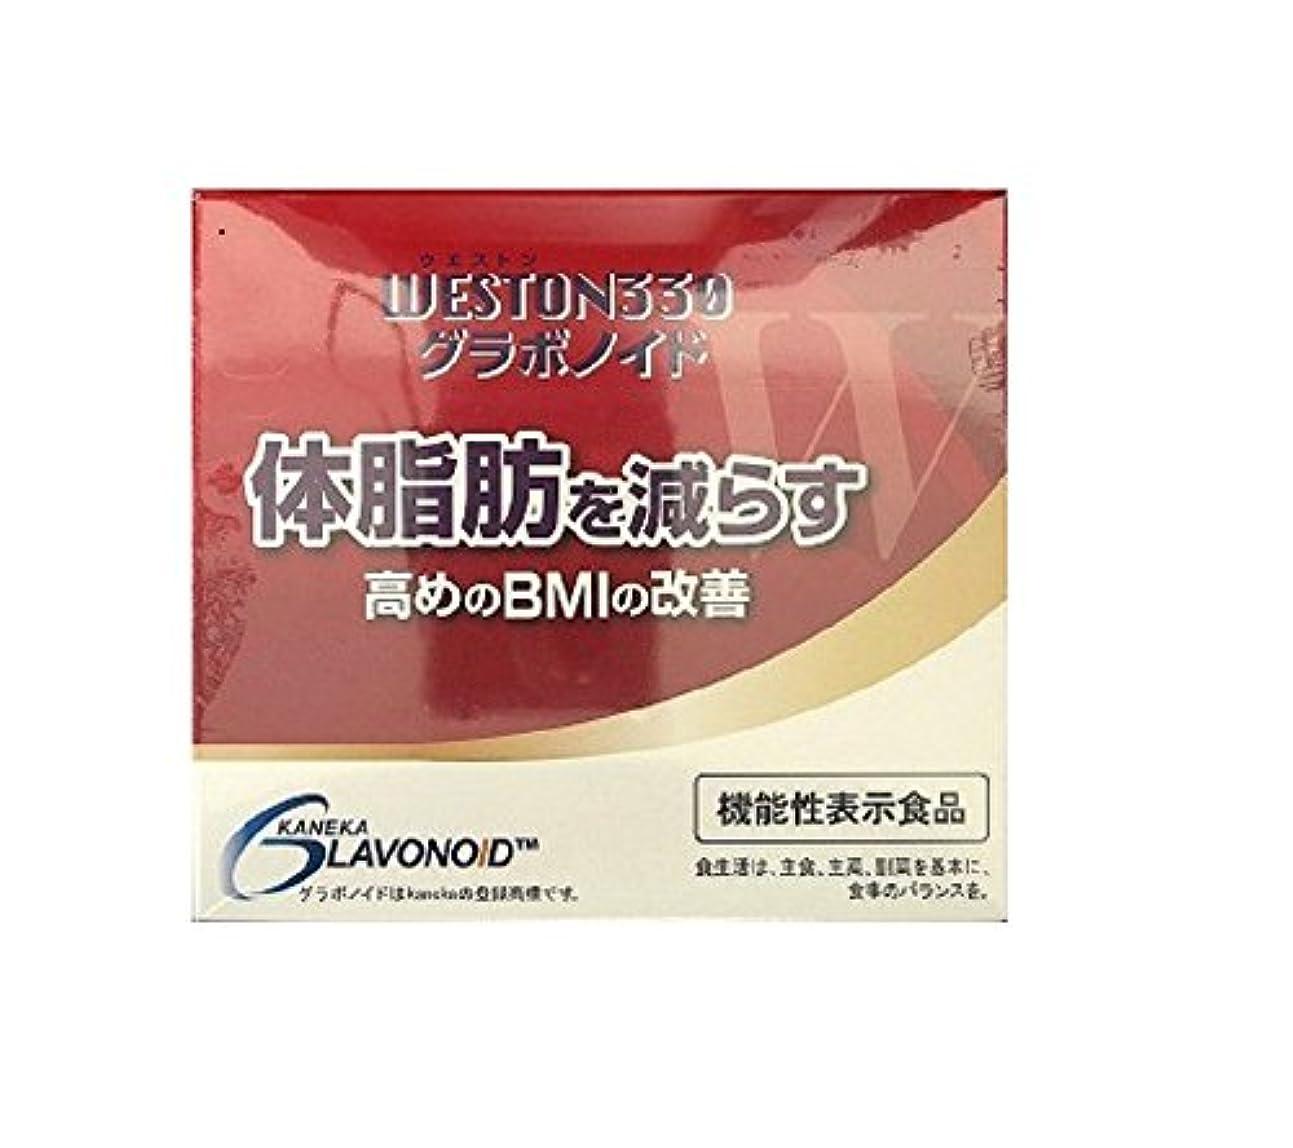 自動化治安判事ラベルリマックスジャパン WESTON330 グラボノイド 60粒 (30日分) [機能性表示食品]